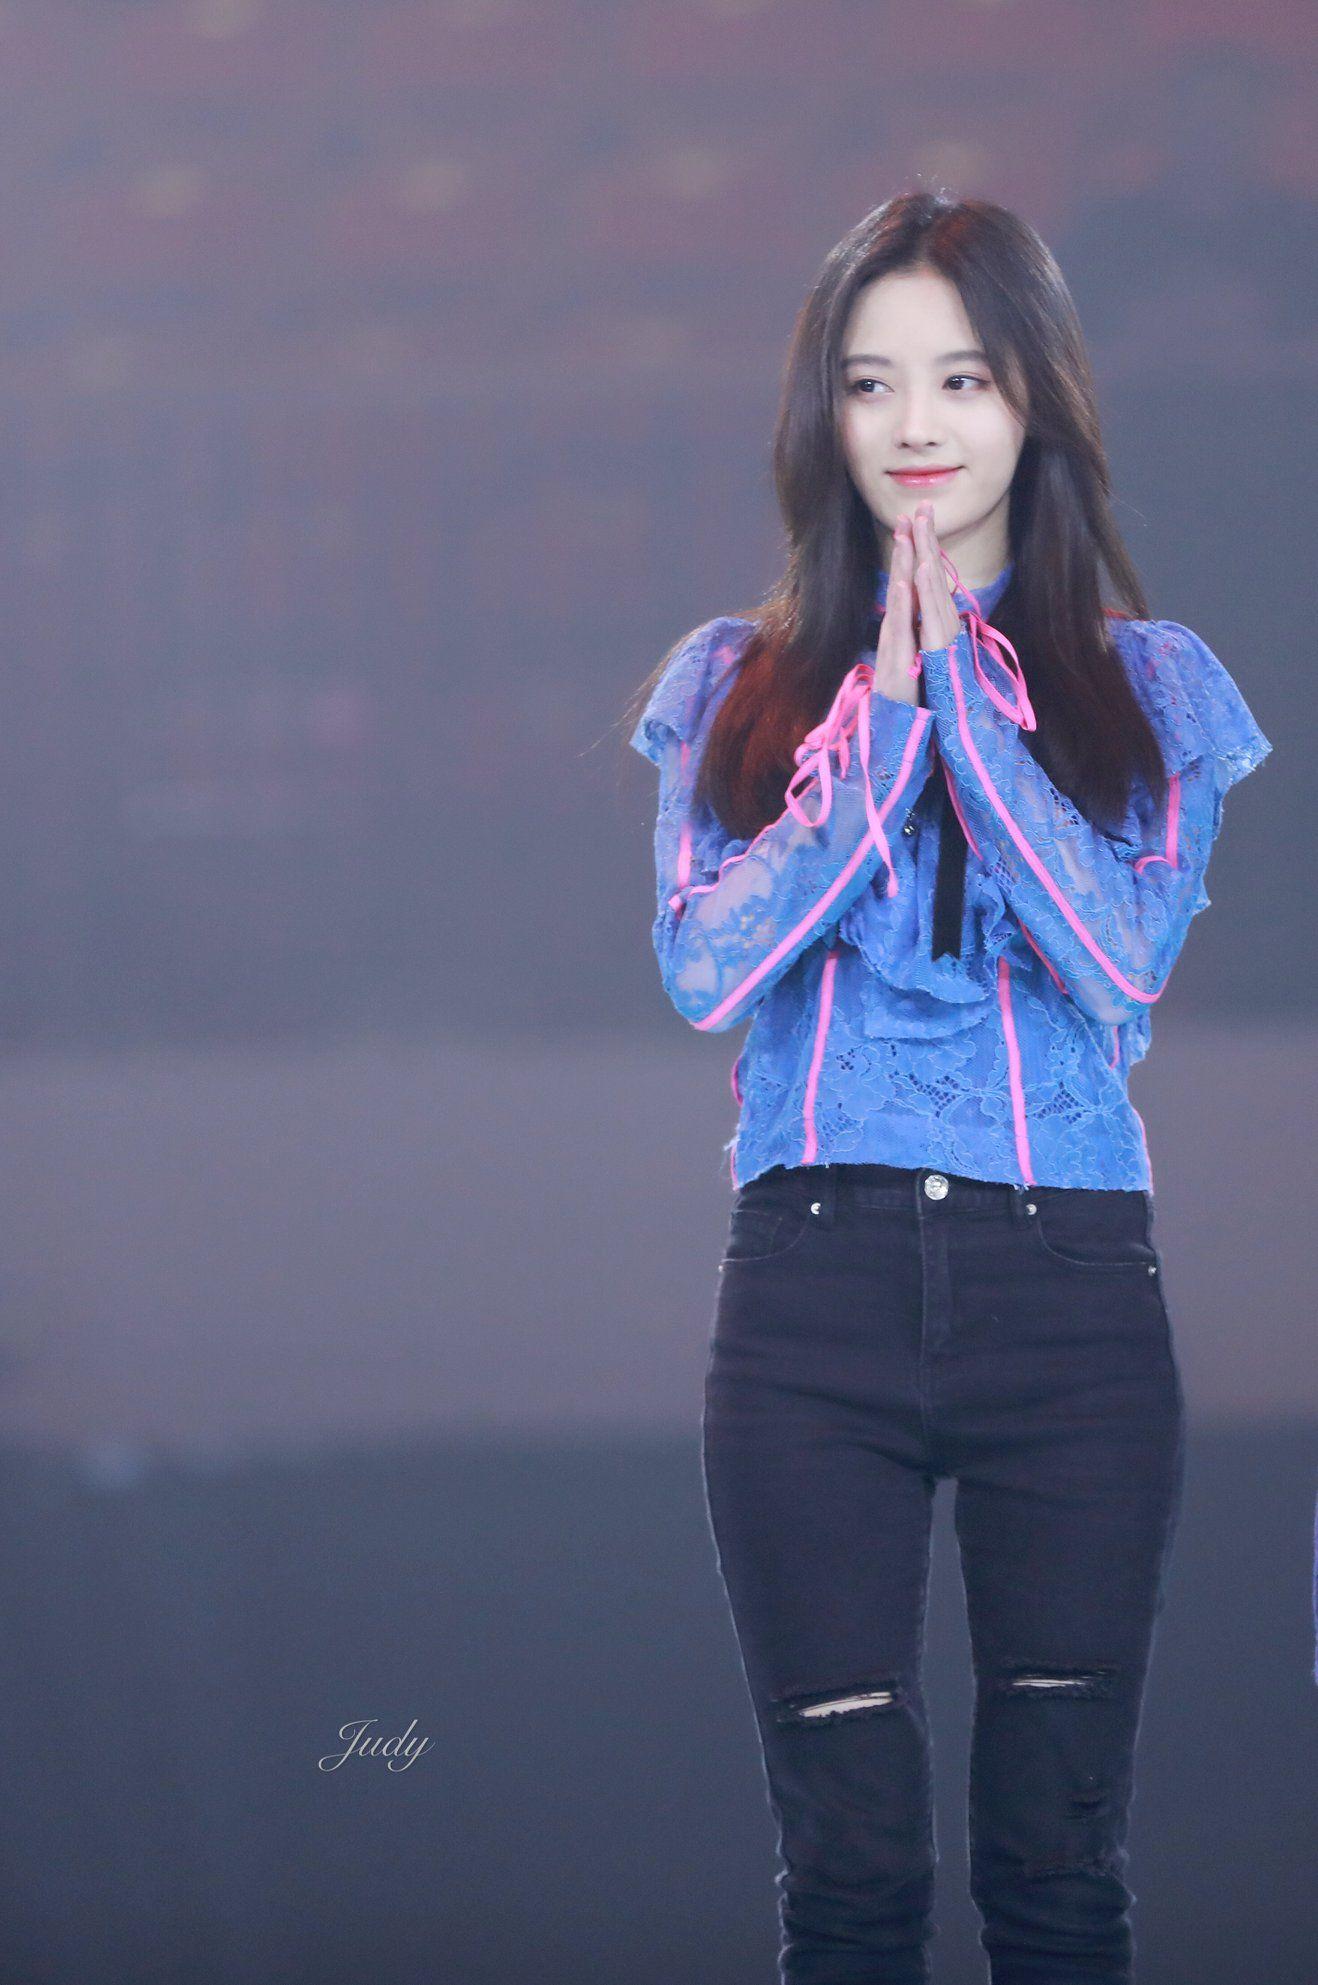 Pin by kiku ju jing yi on SNH48 | Asian beauty girl, Hair